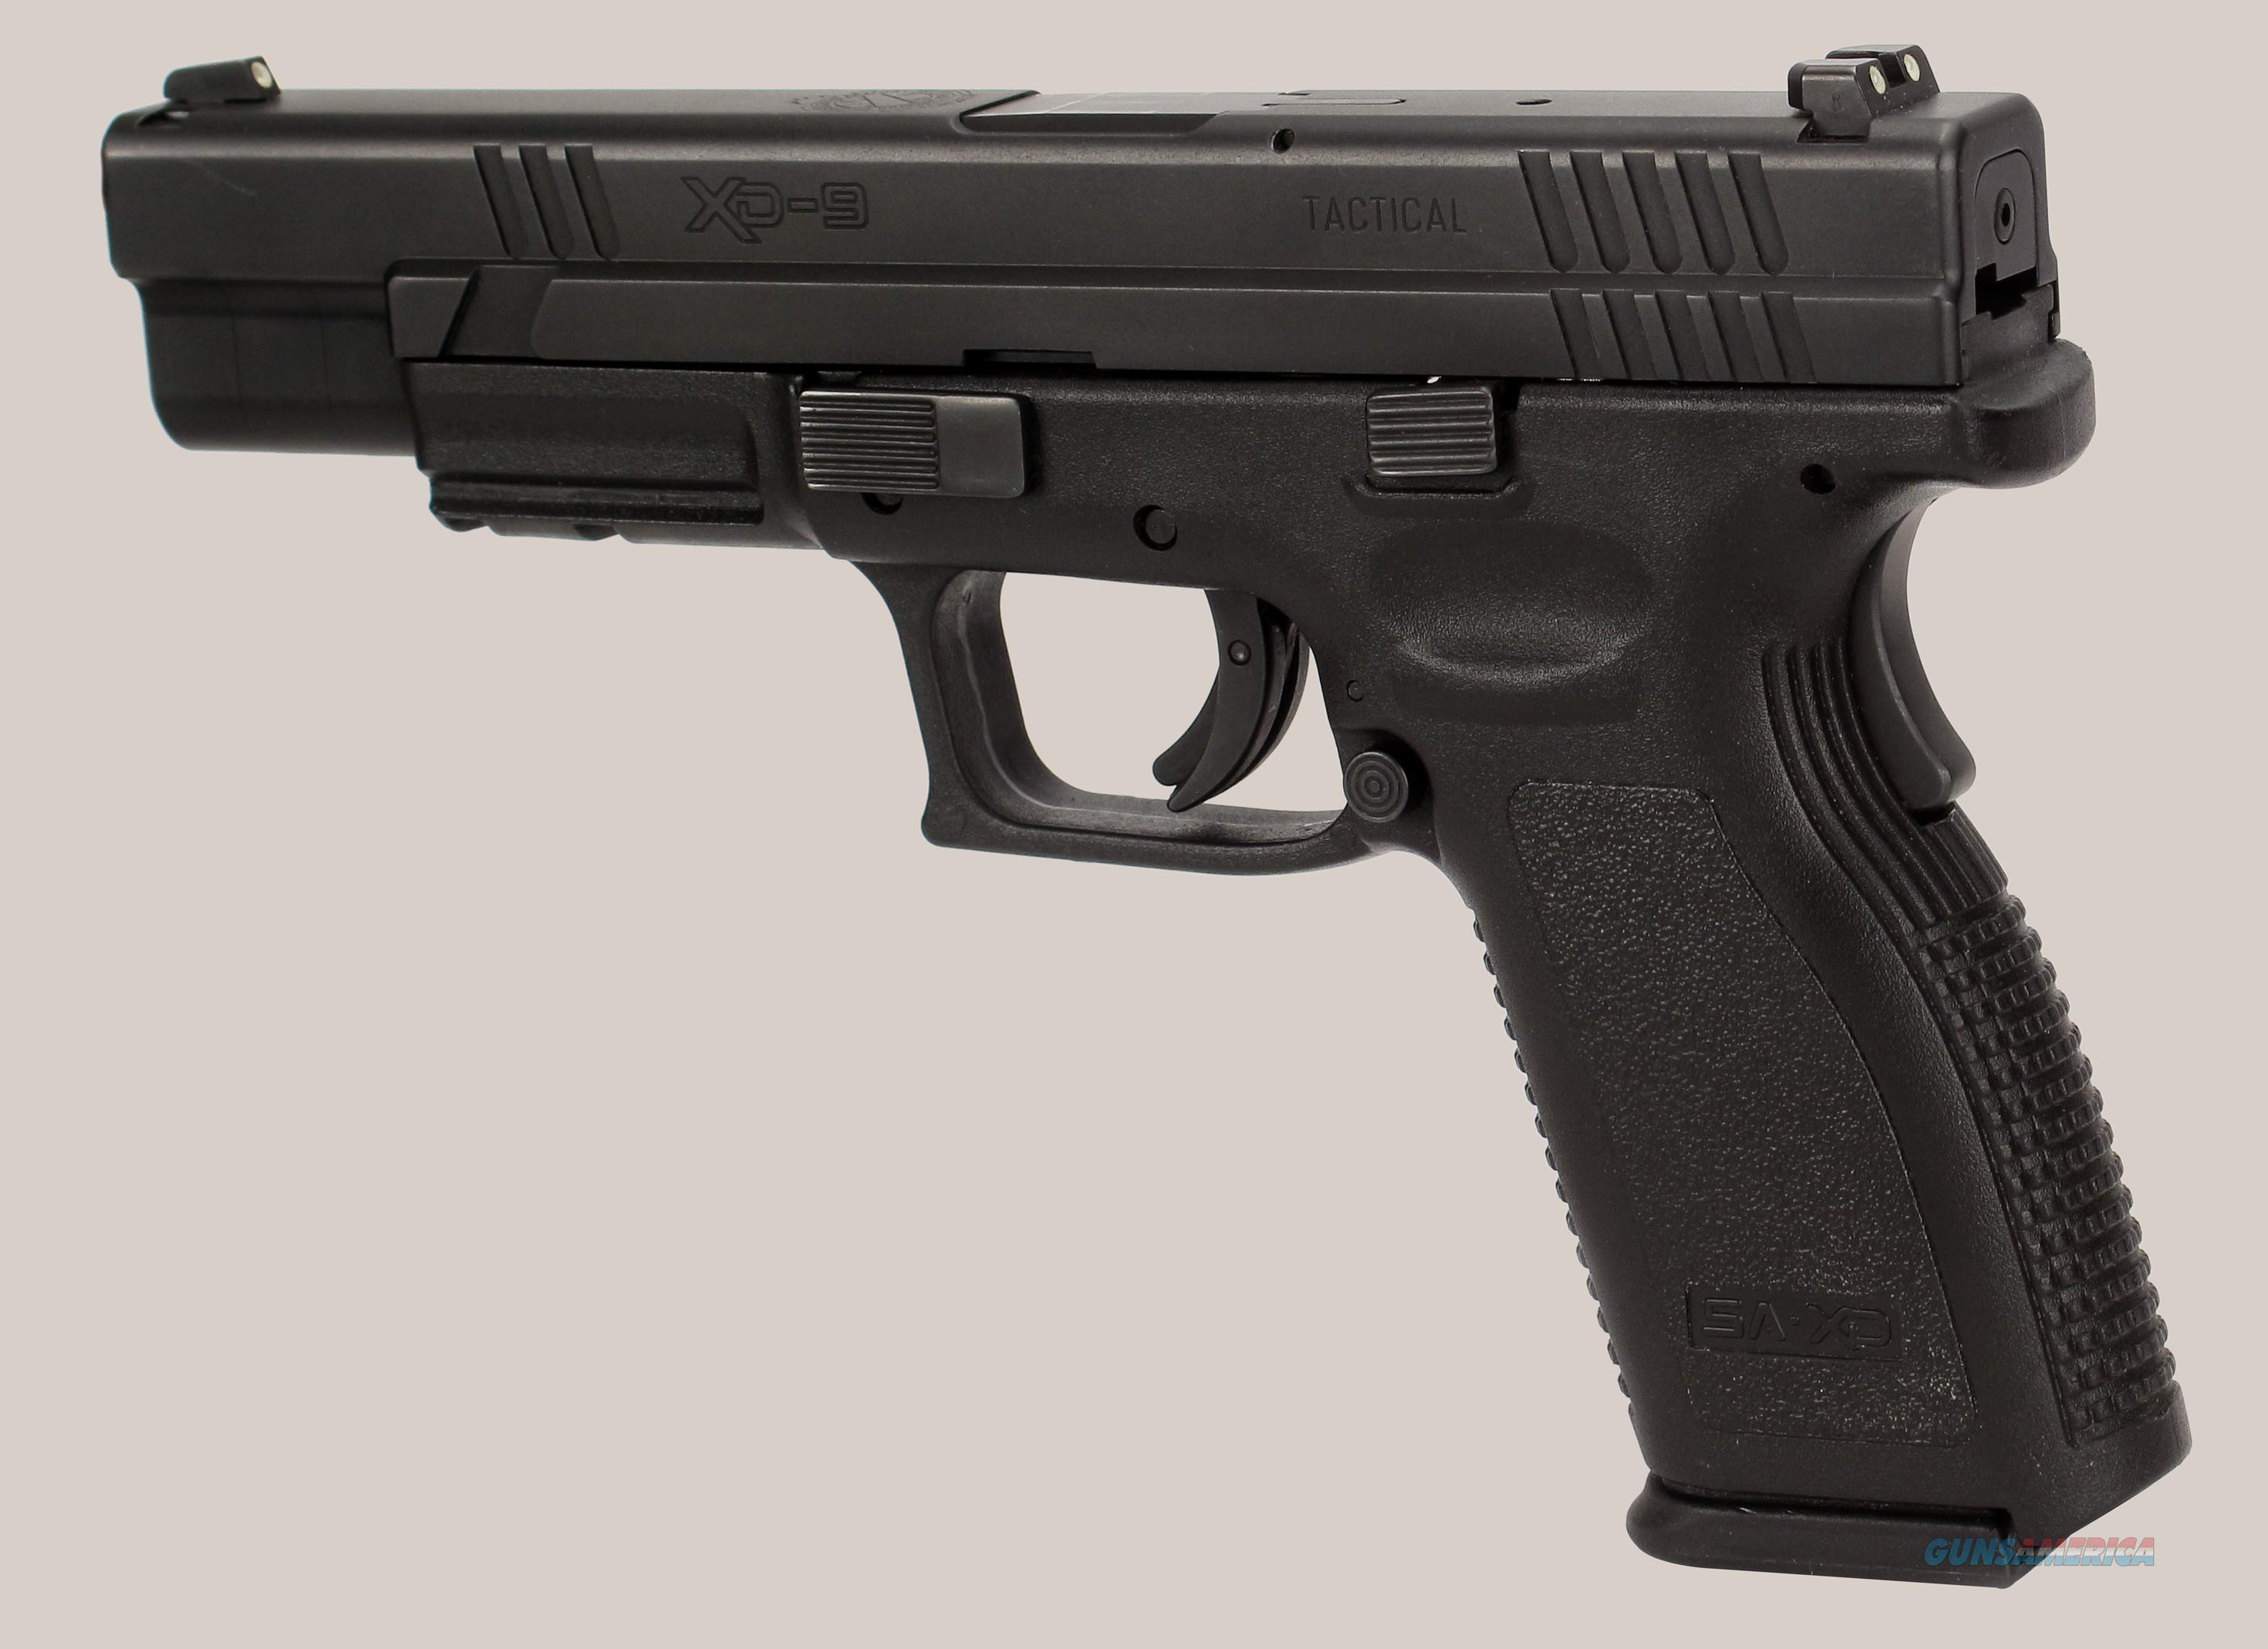 Springfield Model Xd9 Pistol For Sale